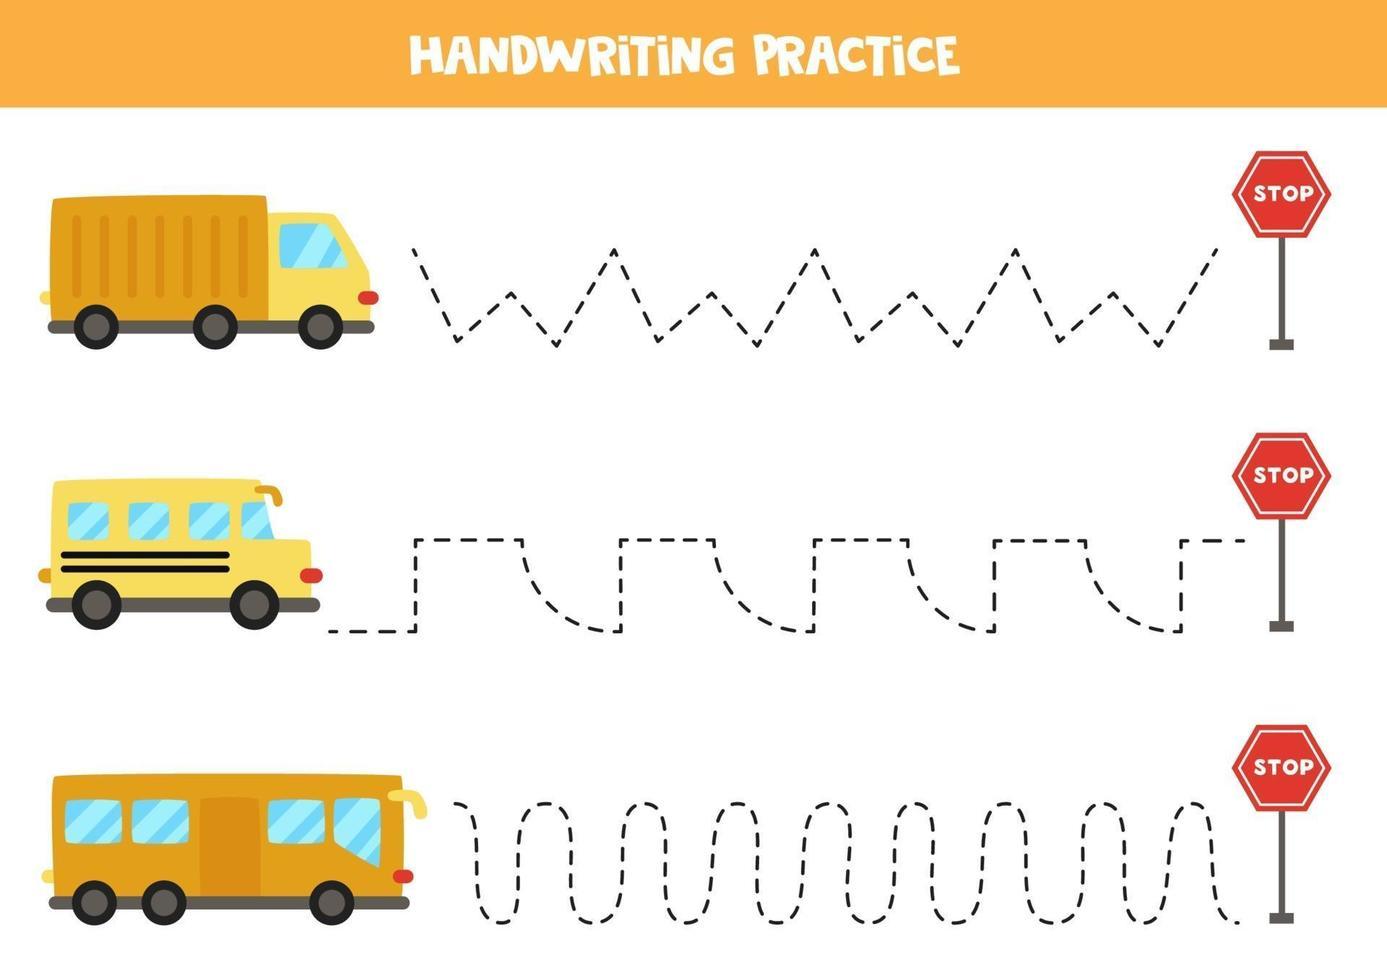 tracez les lignes avec le transport de bande dessinée. pratique de l'écriture. vecteur